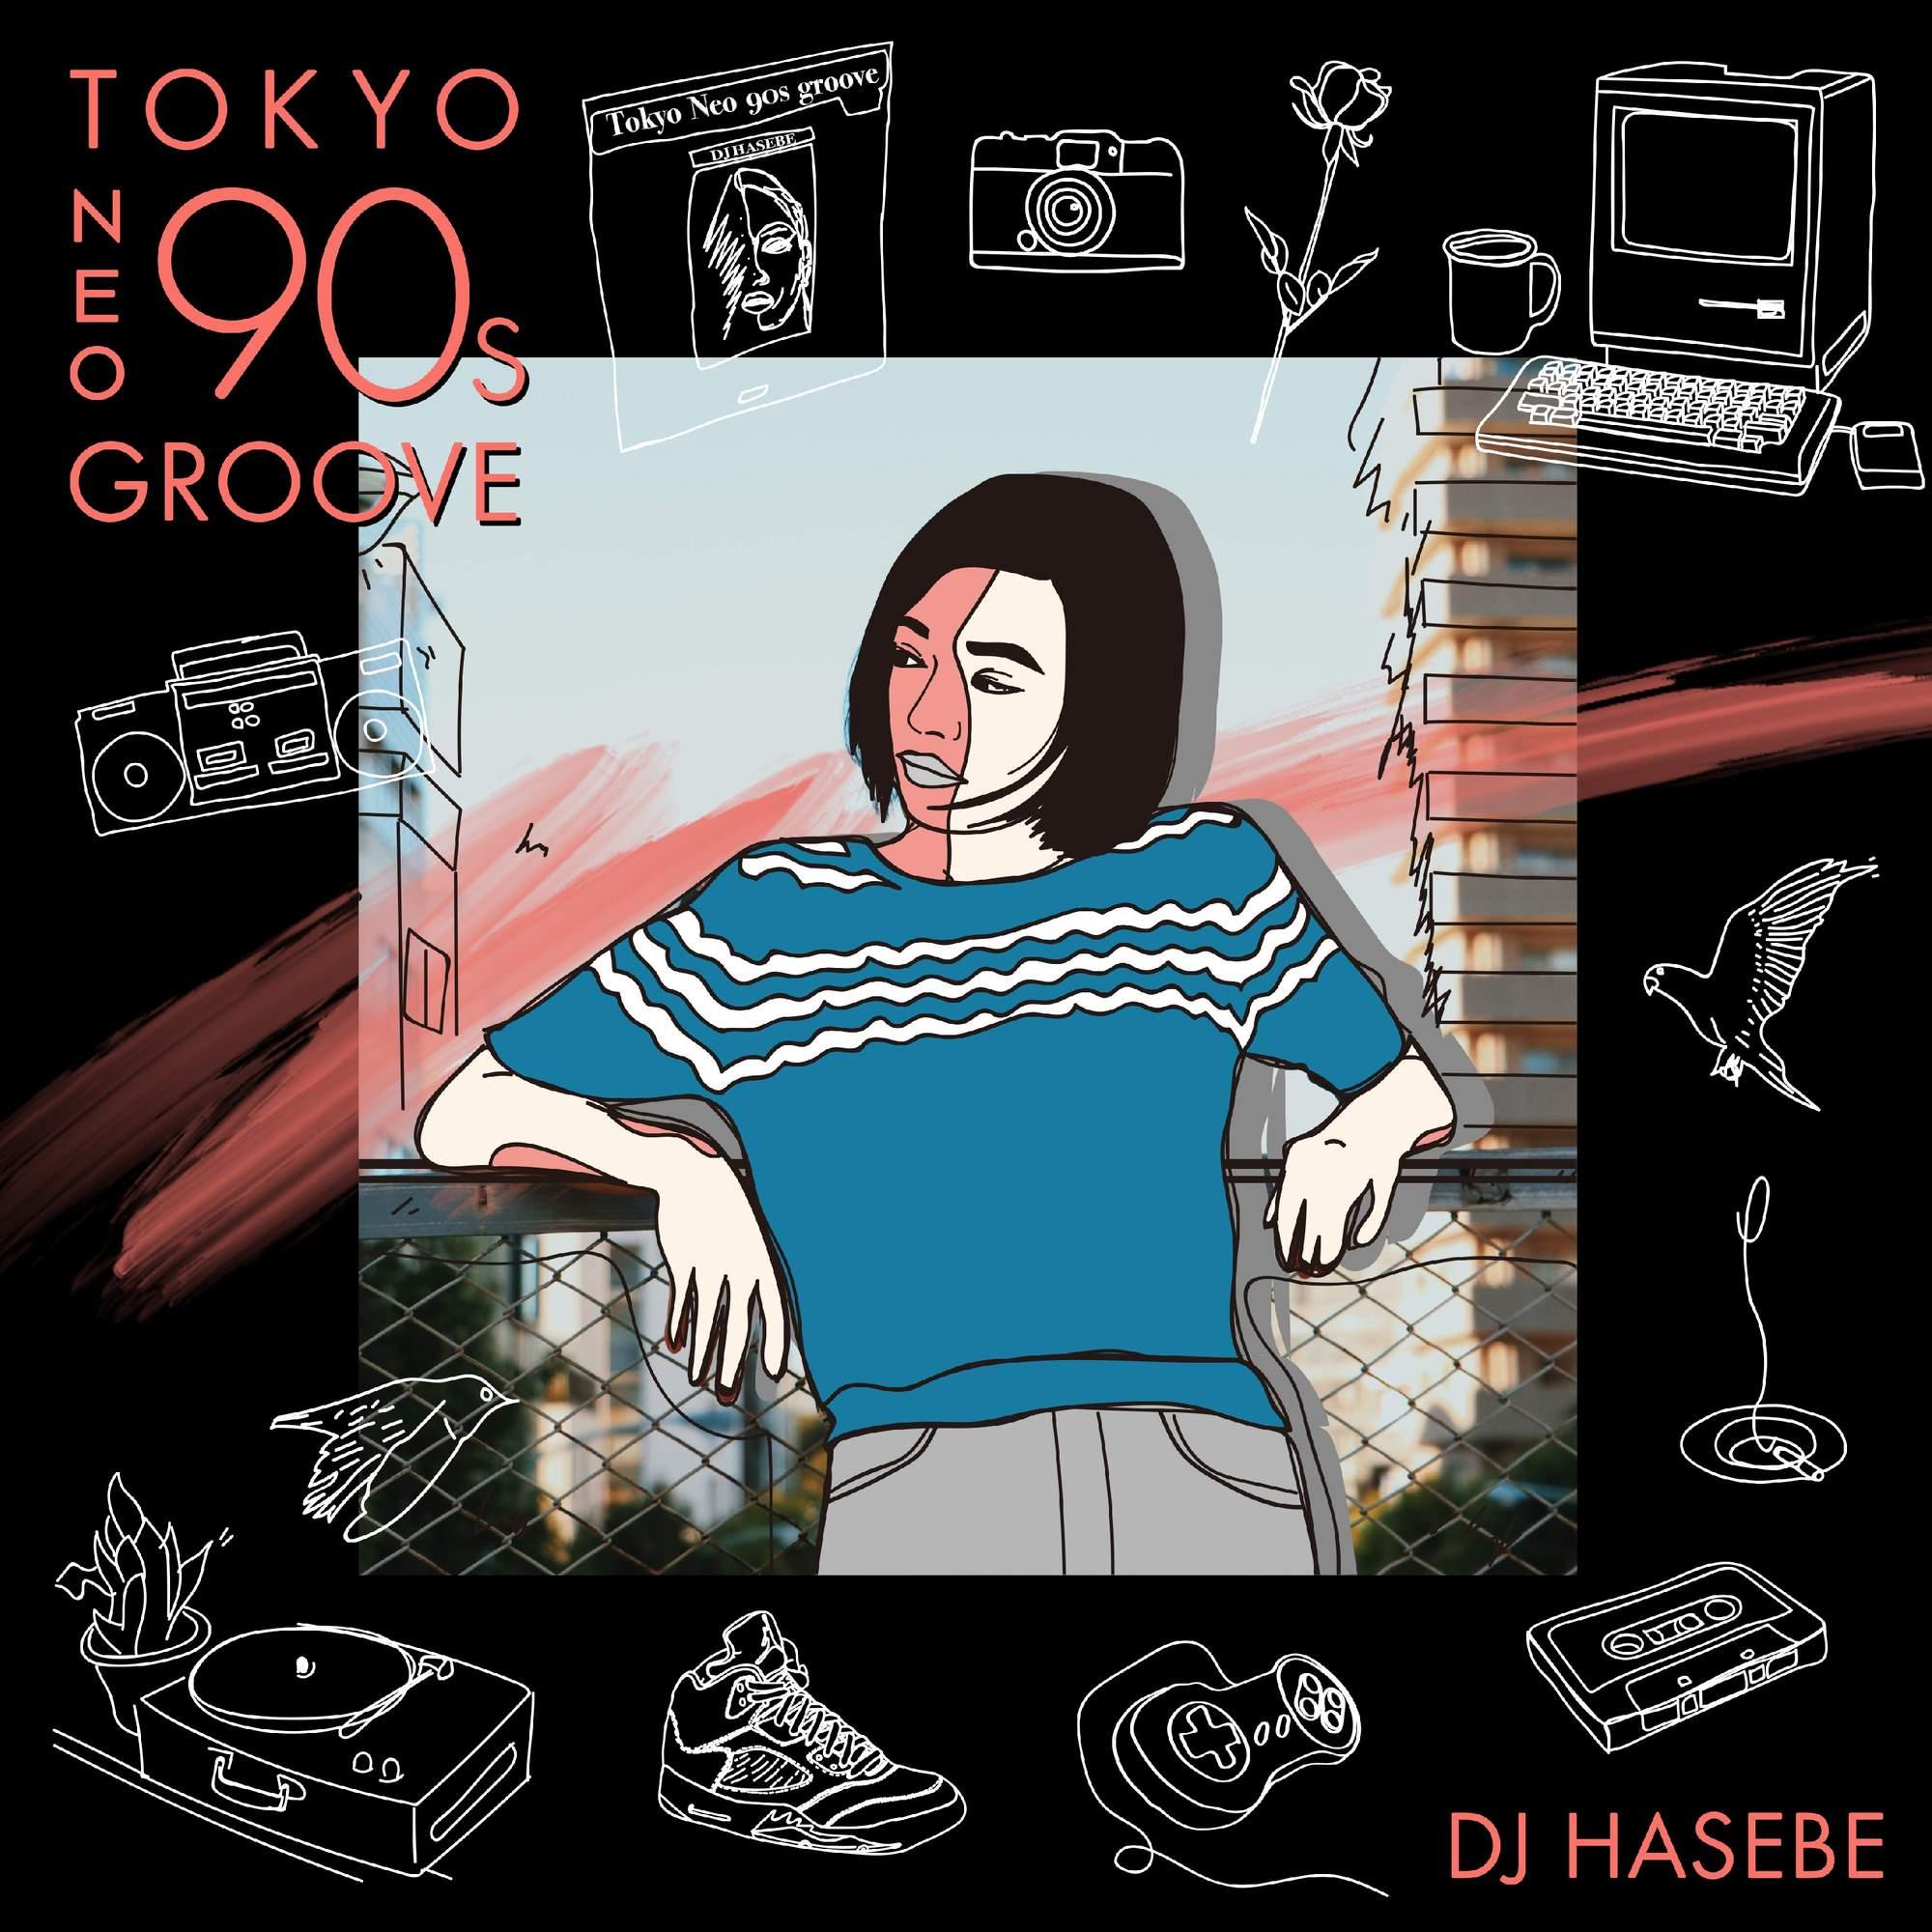 曽我部恵一「mixed night」収録、DJ HASEBE ミックスCD『Tokyo Neo 90s Groove』2/20発売